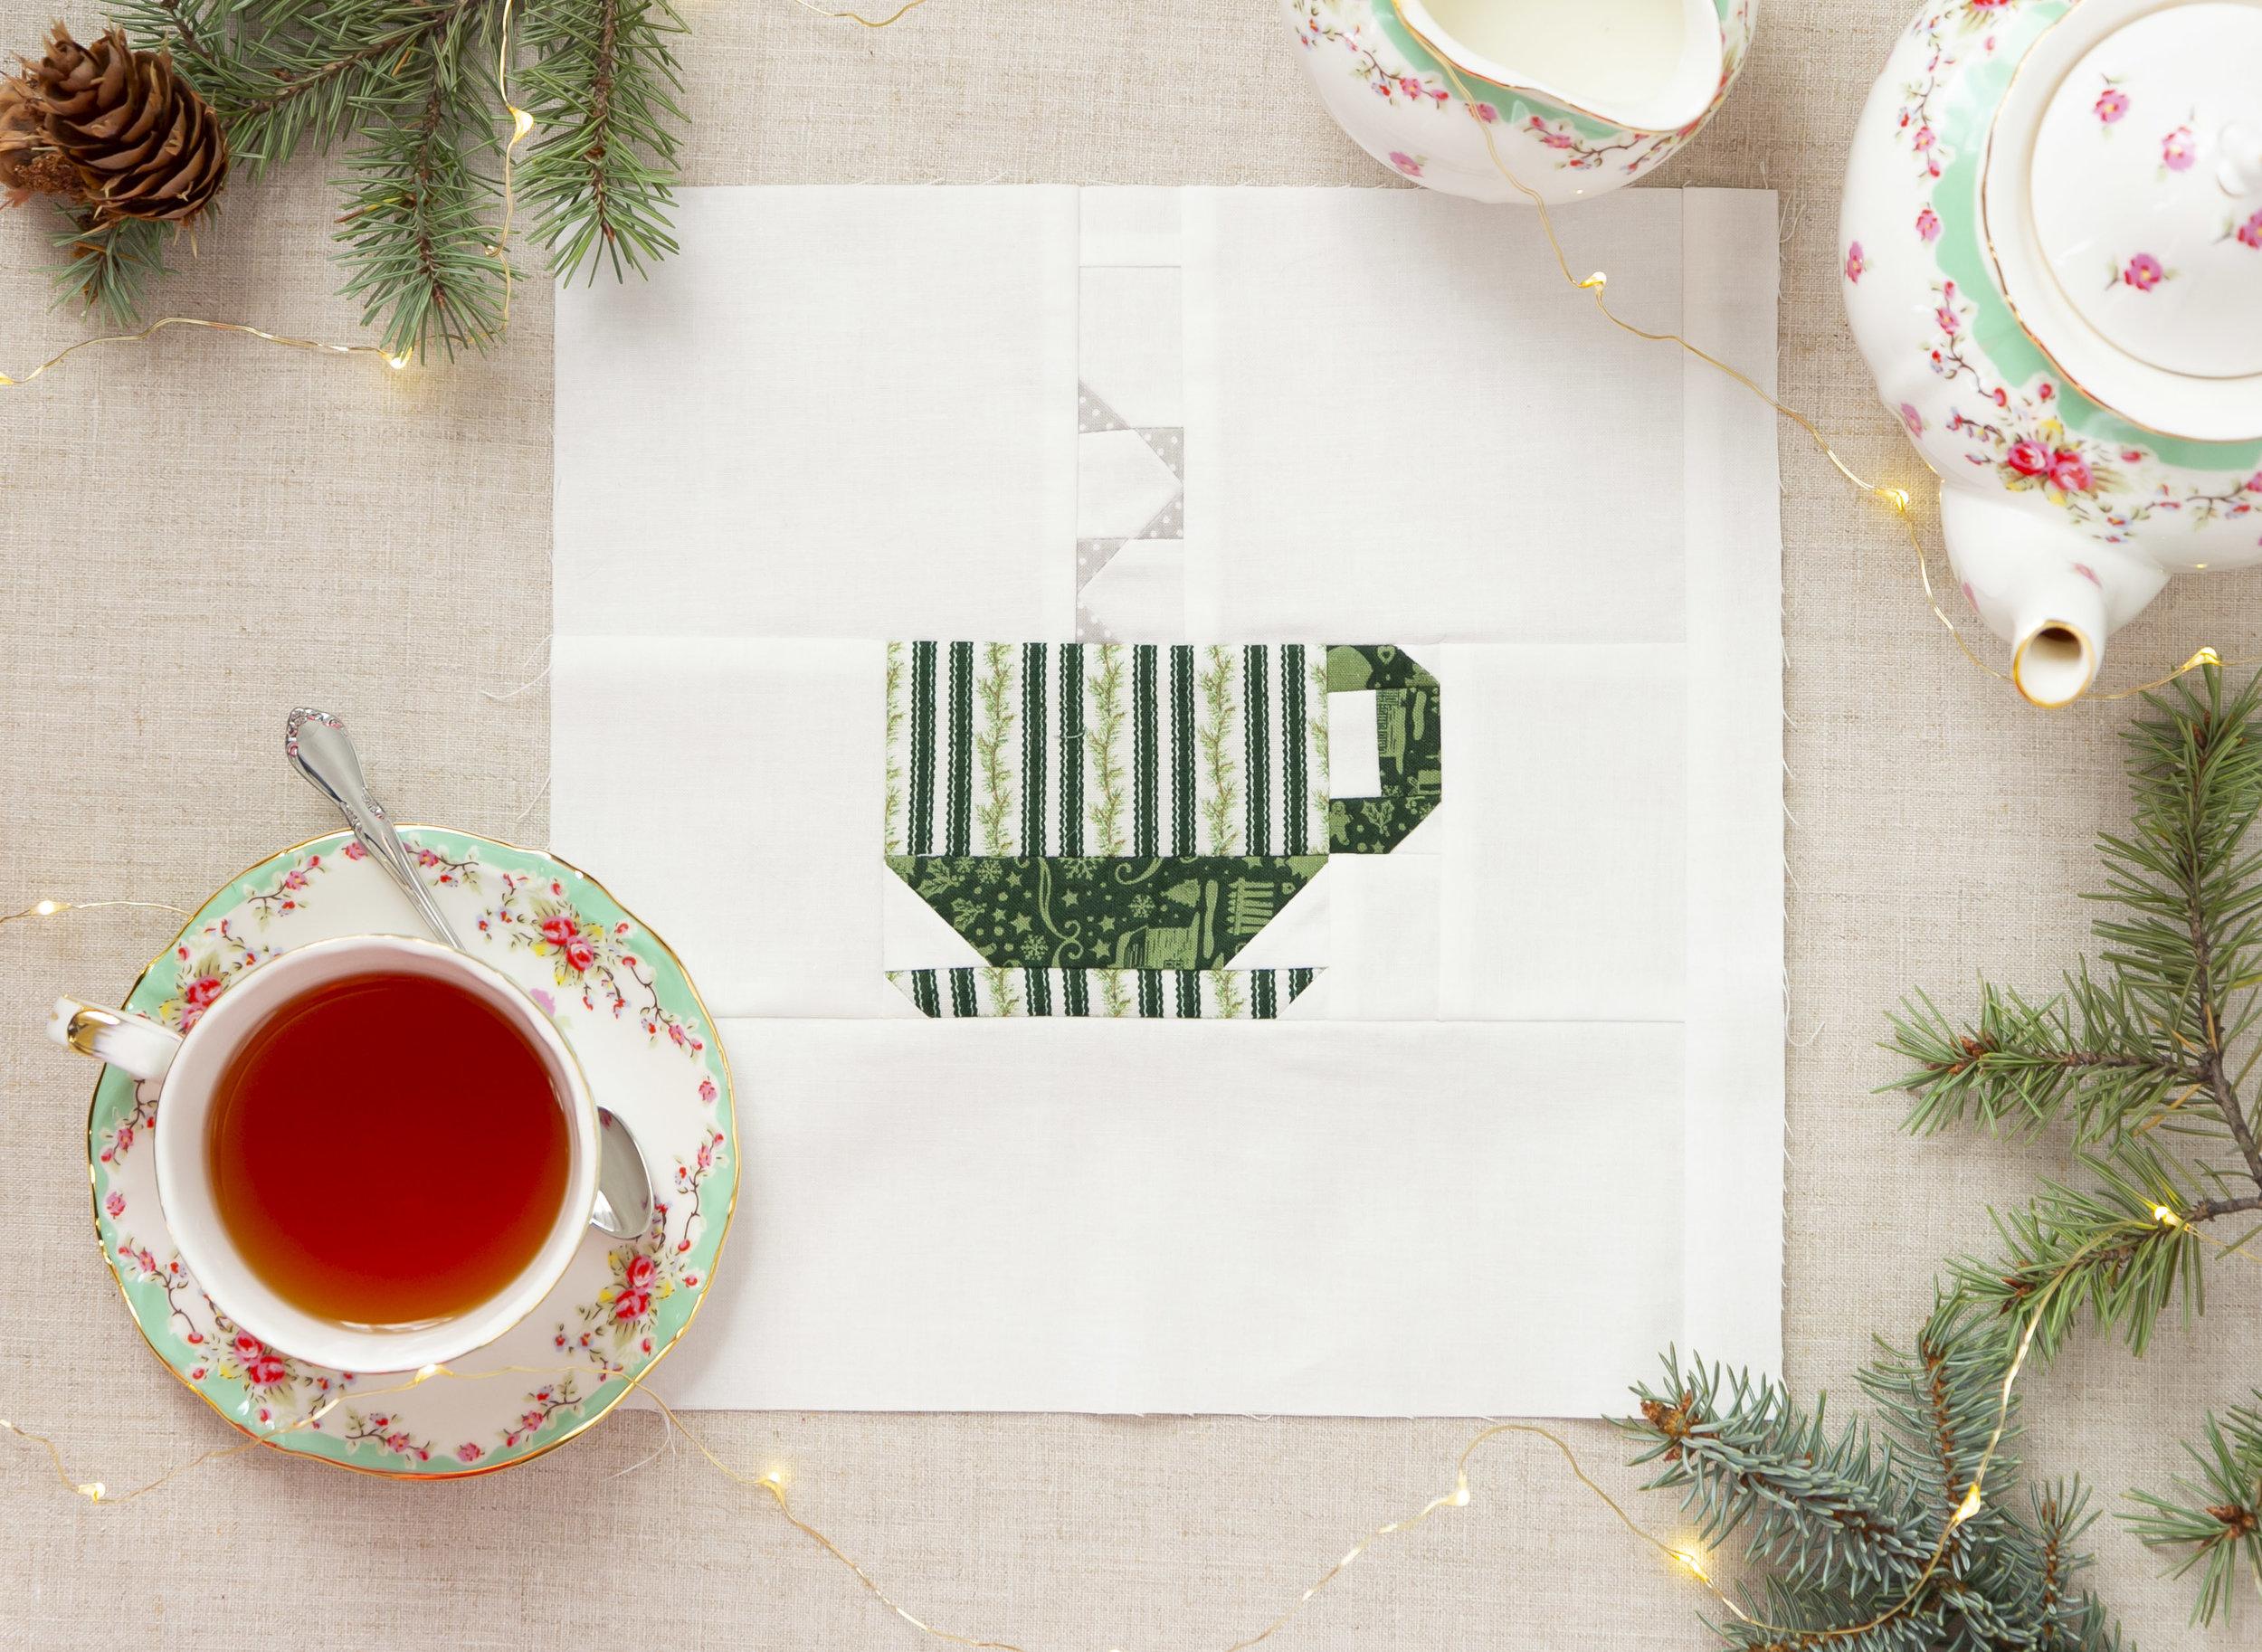 Christmas_Anne_of_Green_Gables_quilt_2018112922.jpg